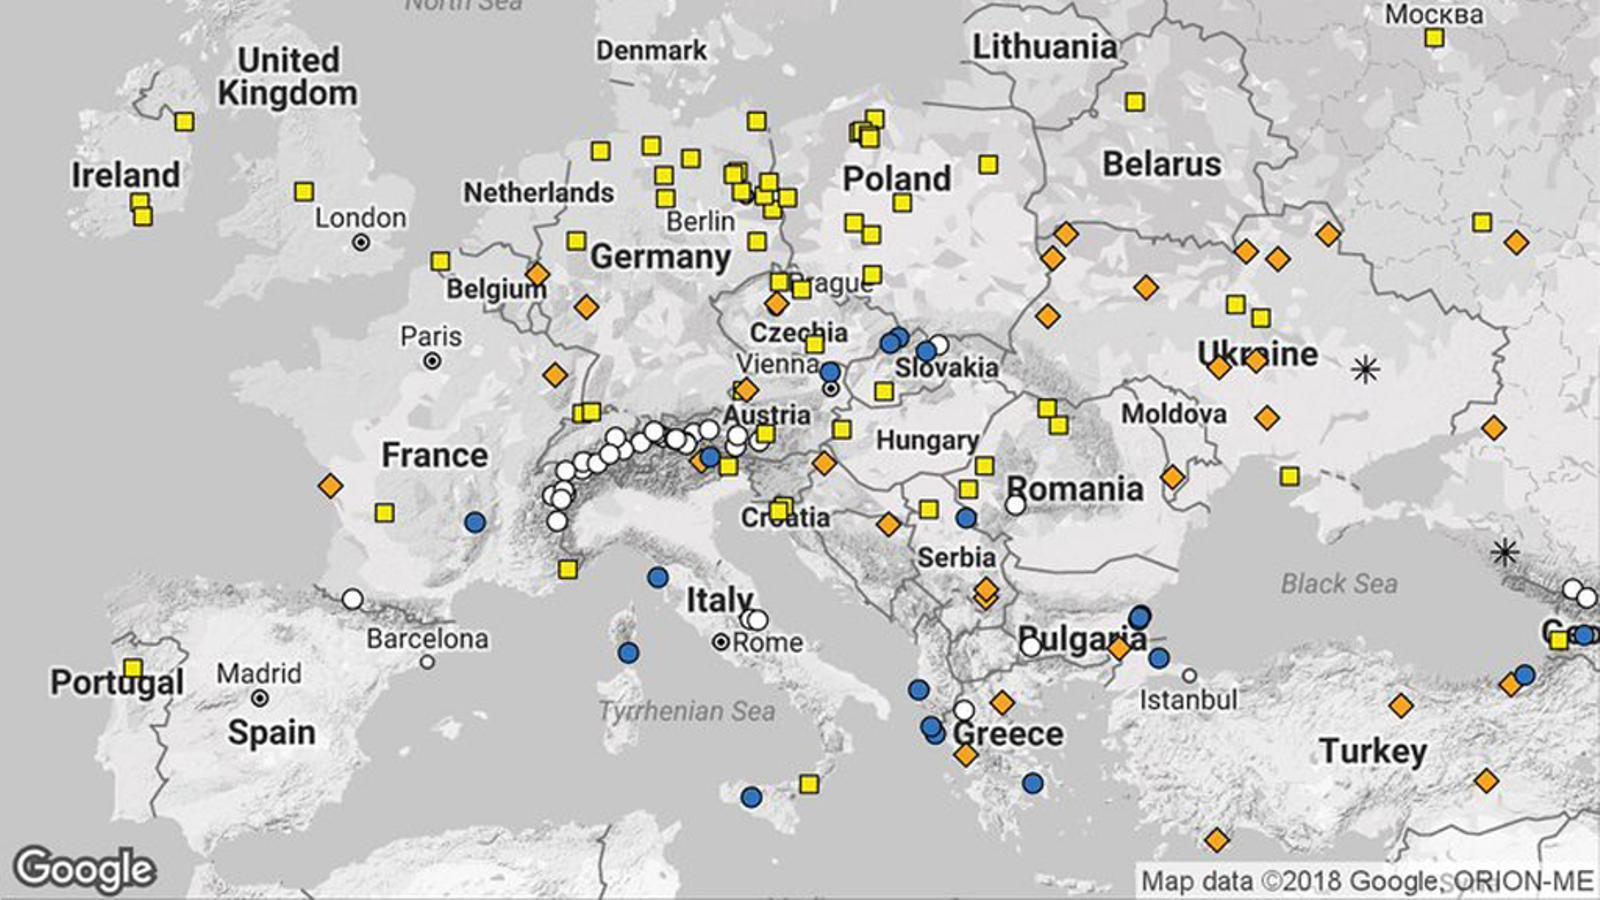 294 persones van perdre la vida el 2017 a causa d'algun fenomen de temps sever a Europa